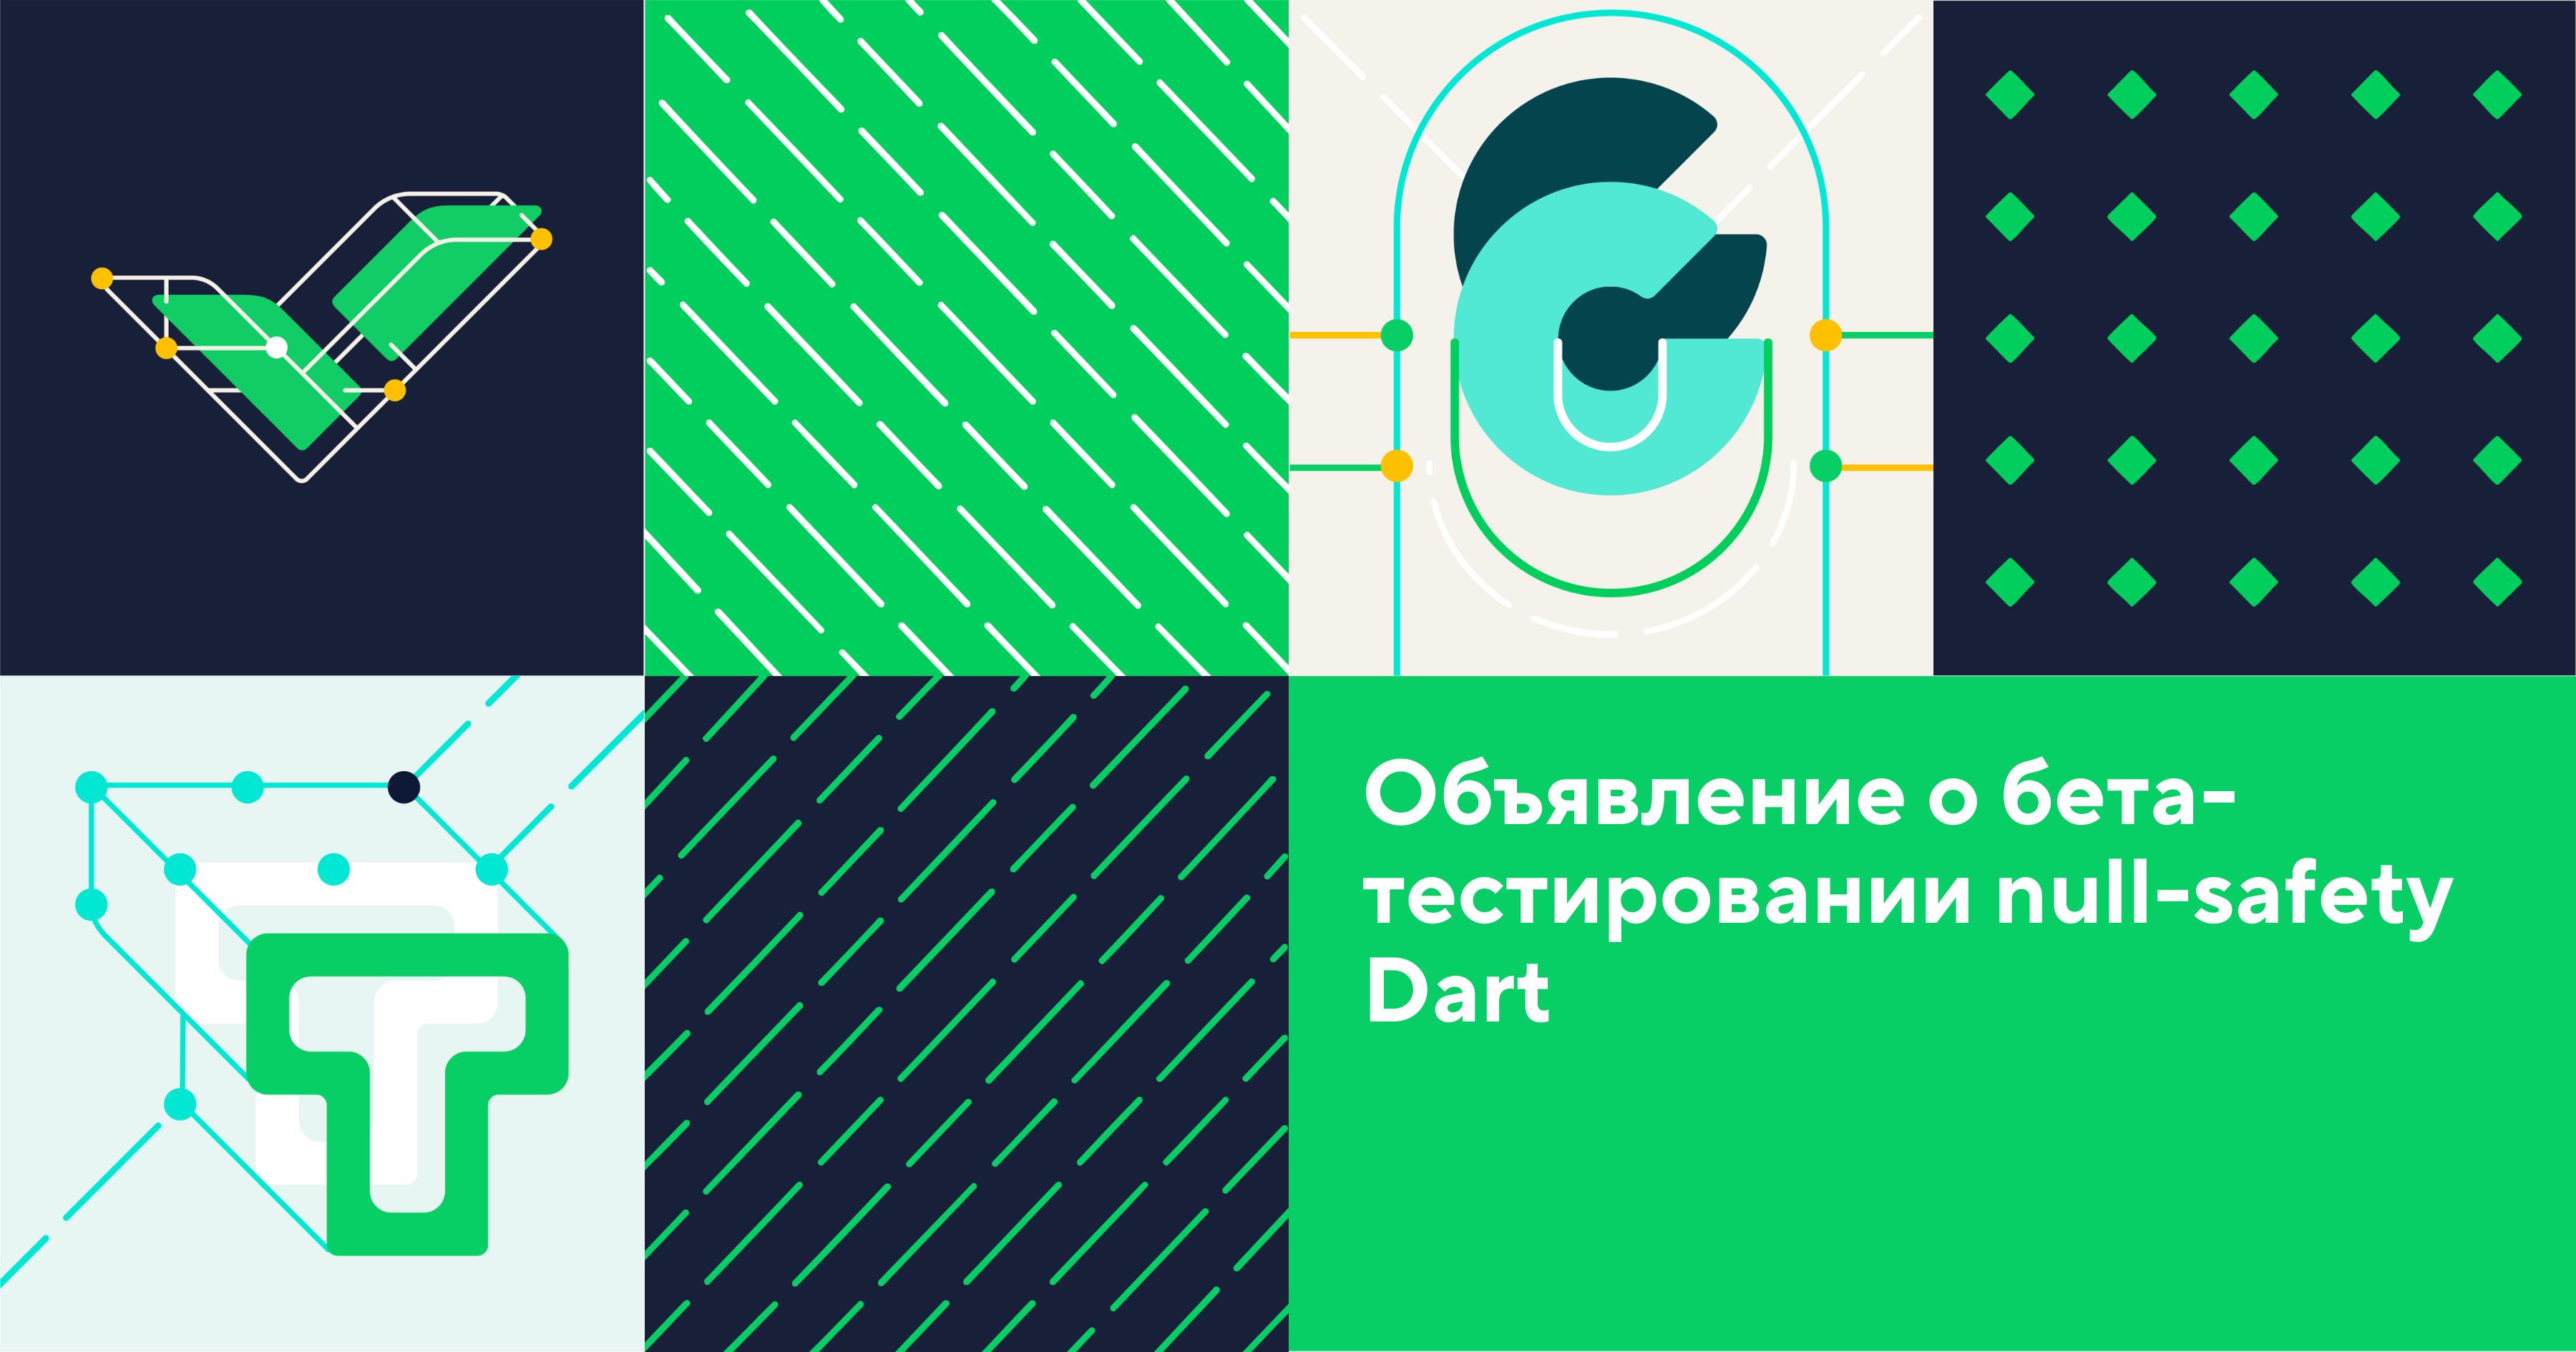 Перевод Объявление о бета-тестировании null-safety Dart. Начало процесса миграции пакетов в надежное и безопасное состояние